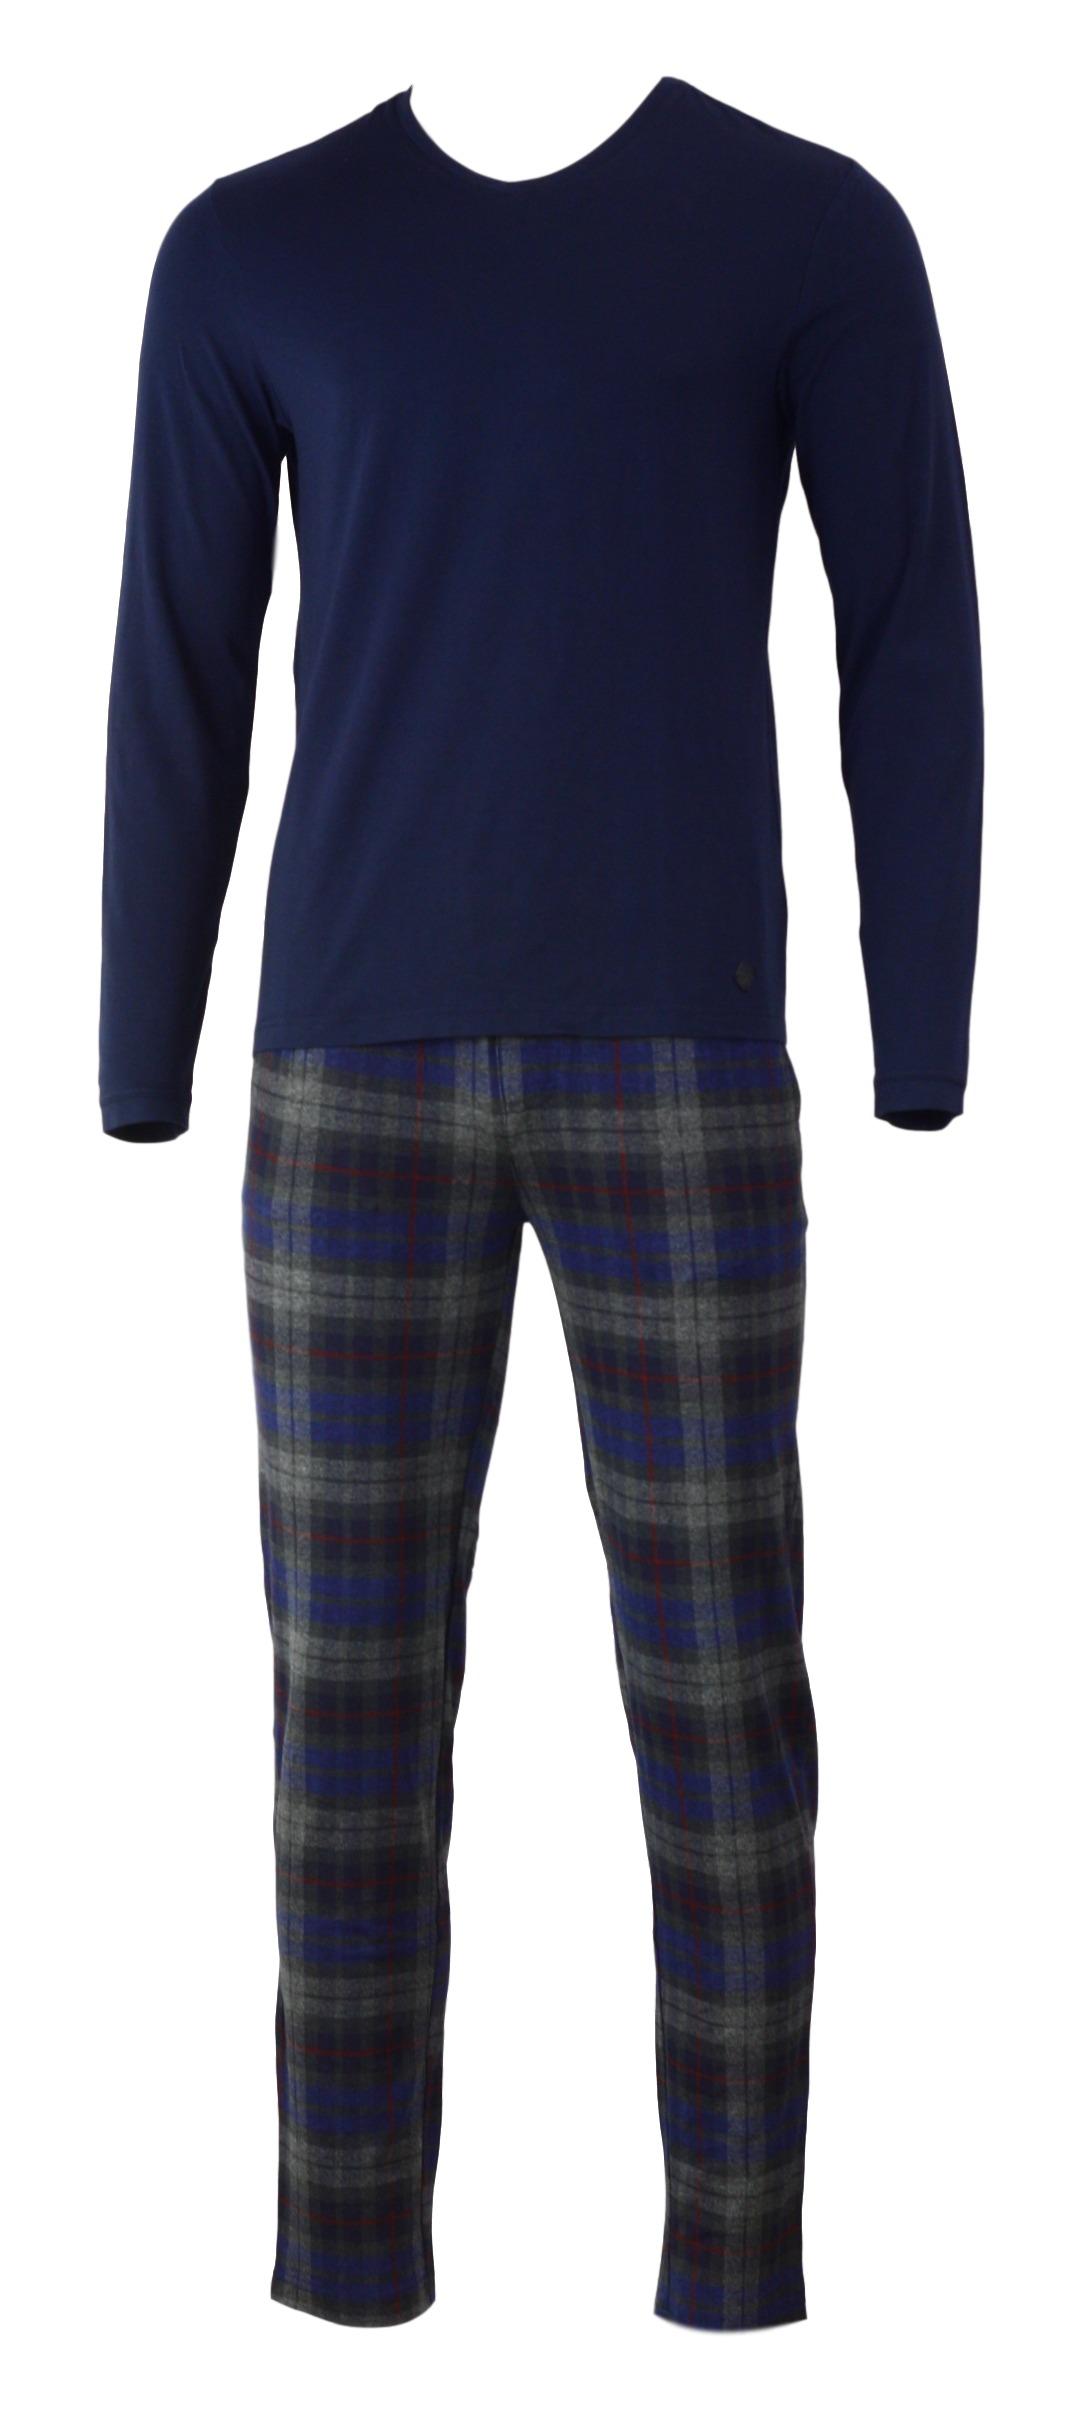 Pánské pyžamo 540023 - Jockey - Modro-šedá/L